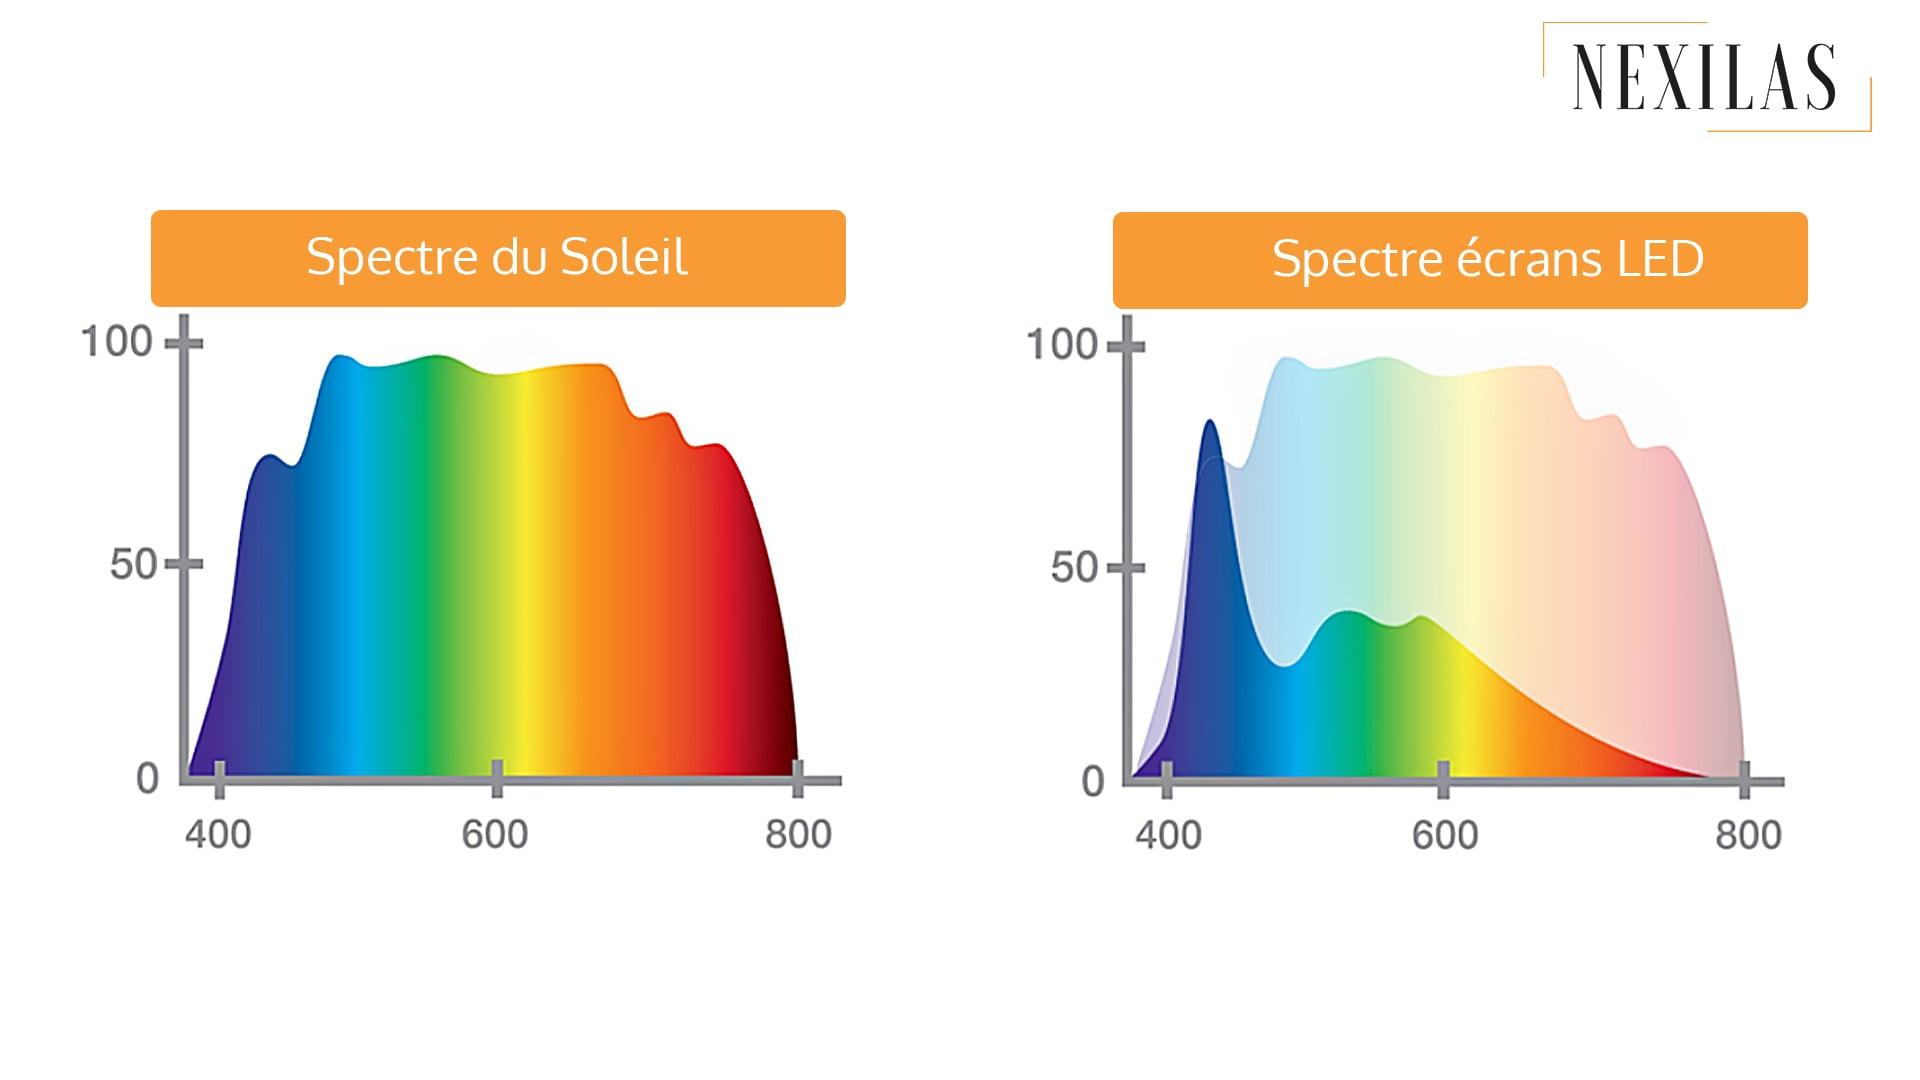 Nexilas spectre lumineux soleil et led lumiere bleue blog